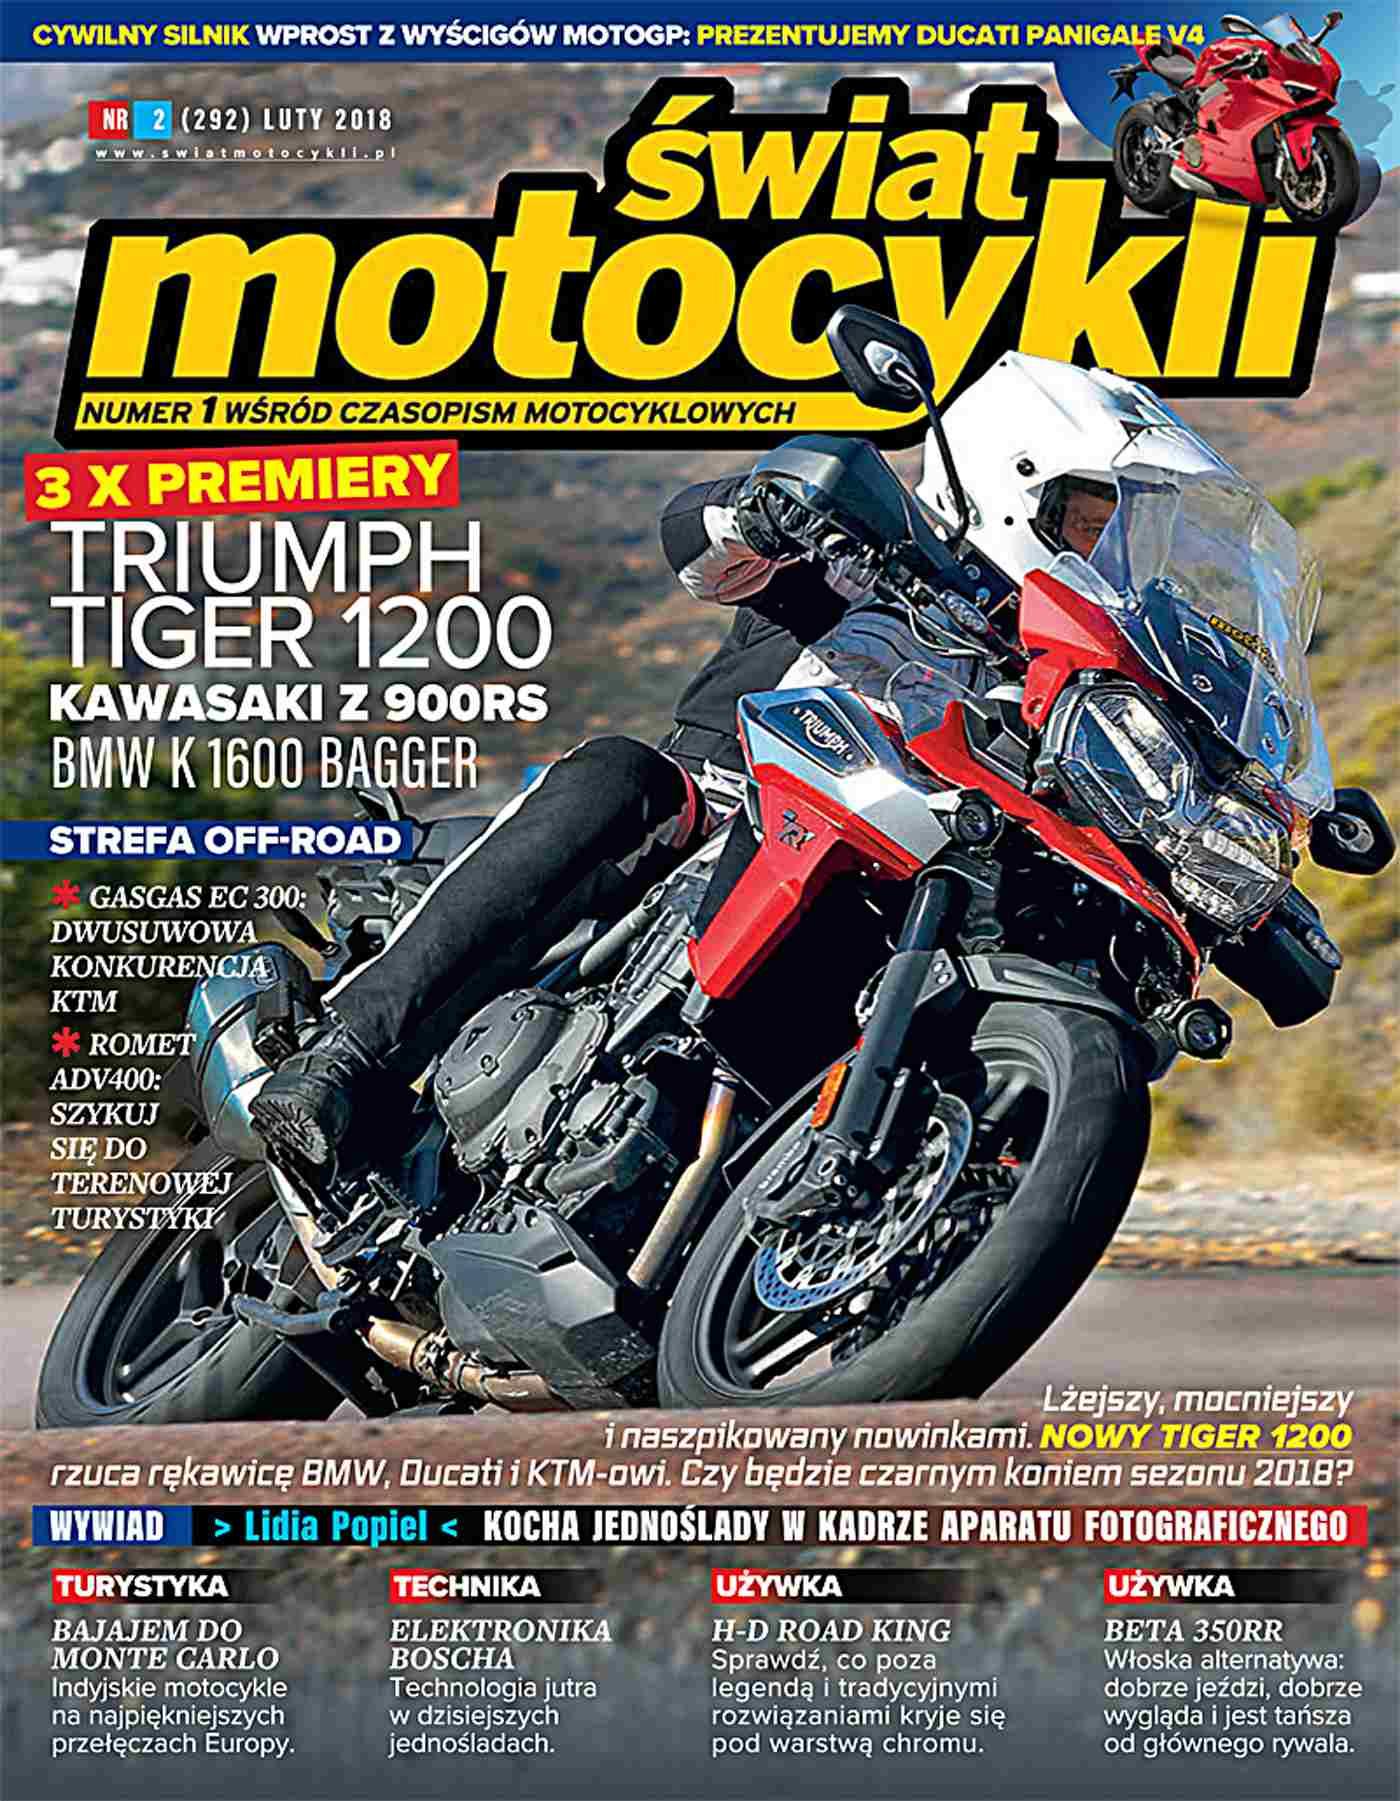 Świat Motocykli 2/2018 - Ebook (Książka PDF) do pobrania w formacie PDF